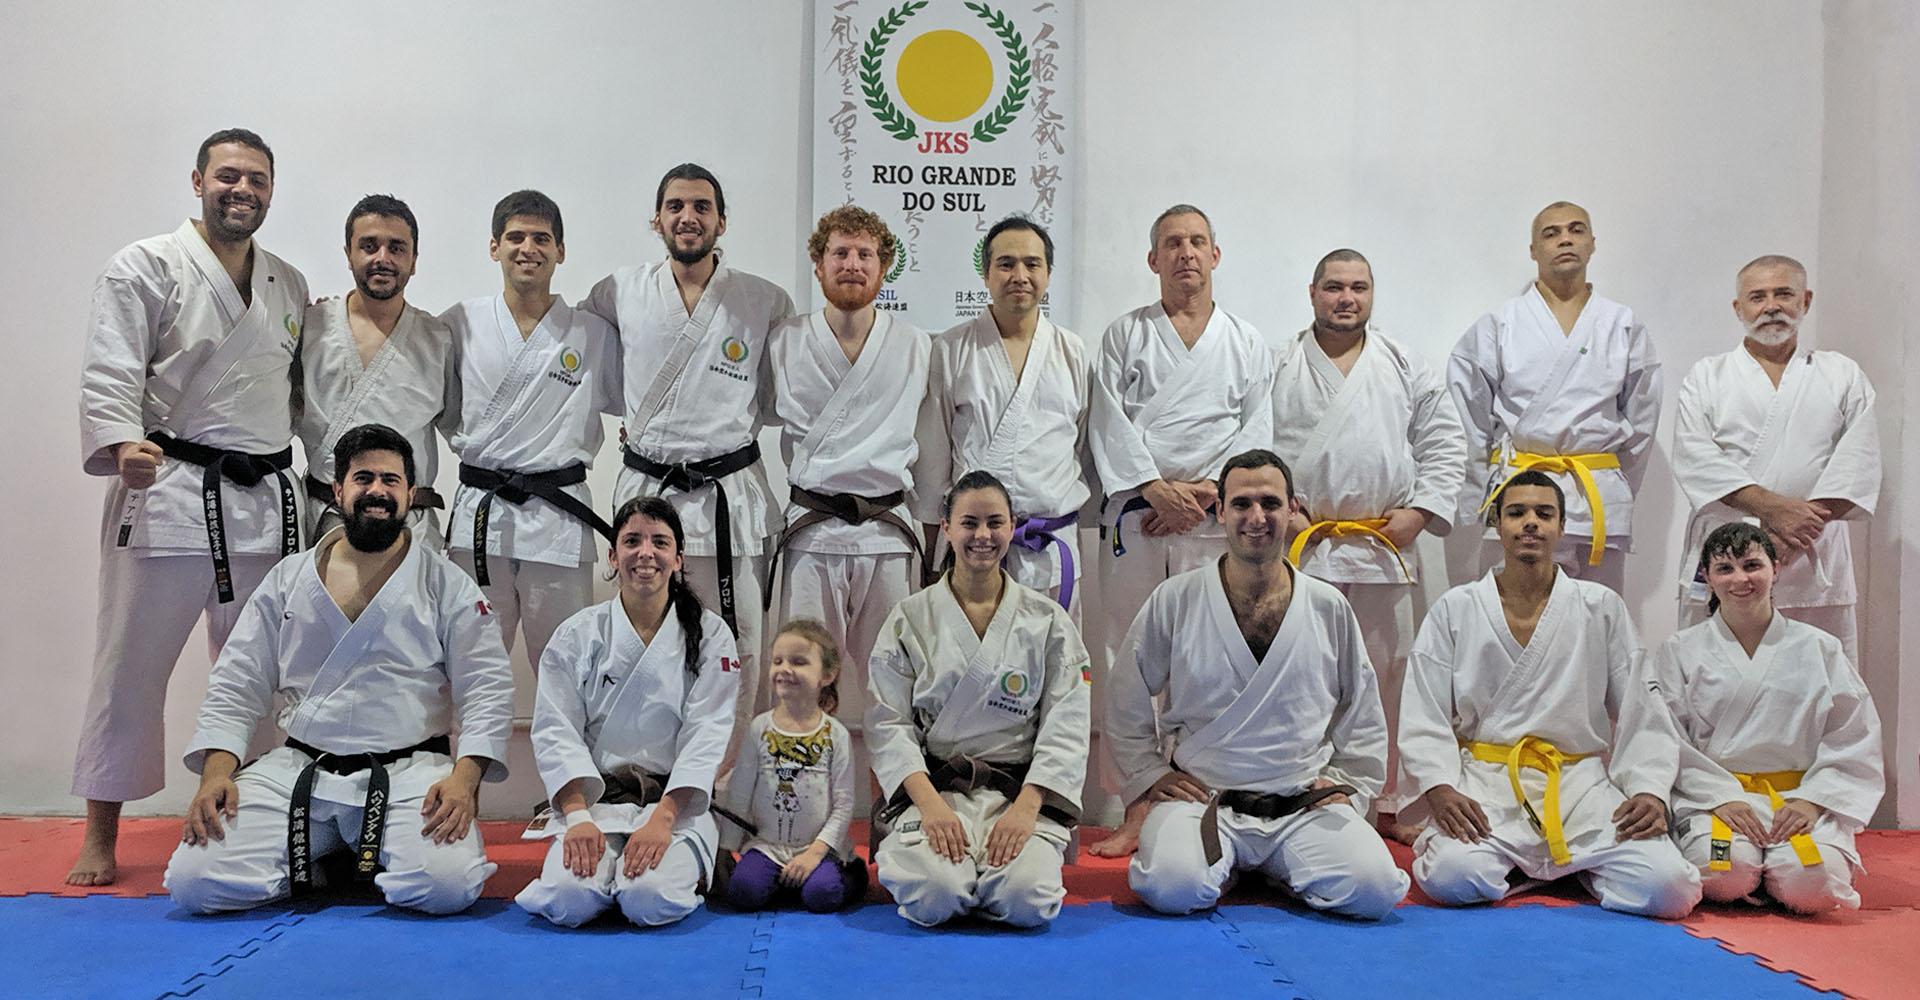 big group photo of the shinjigenkan memebers